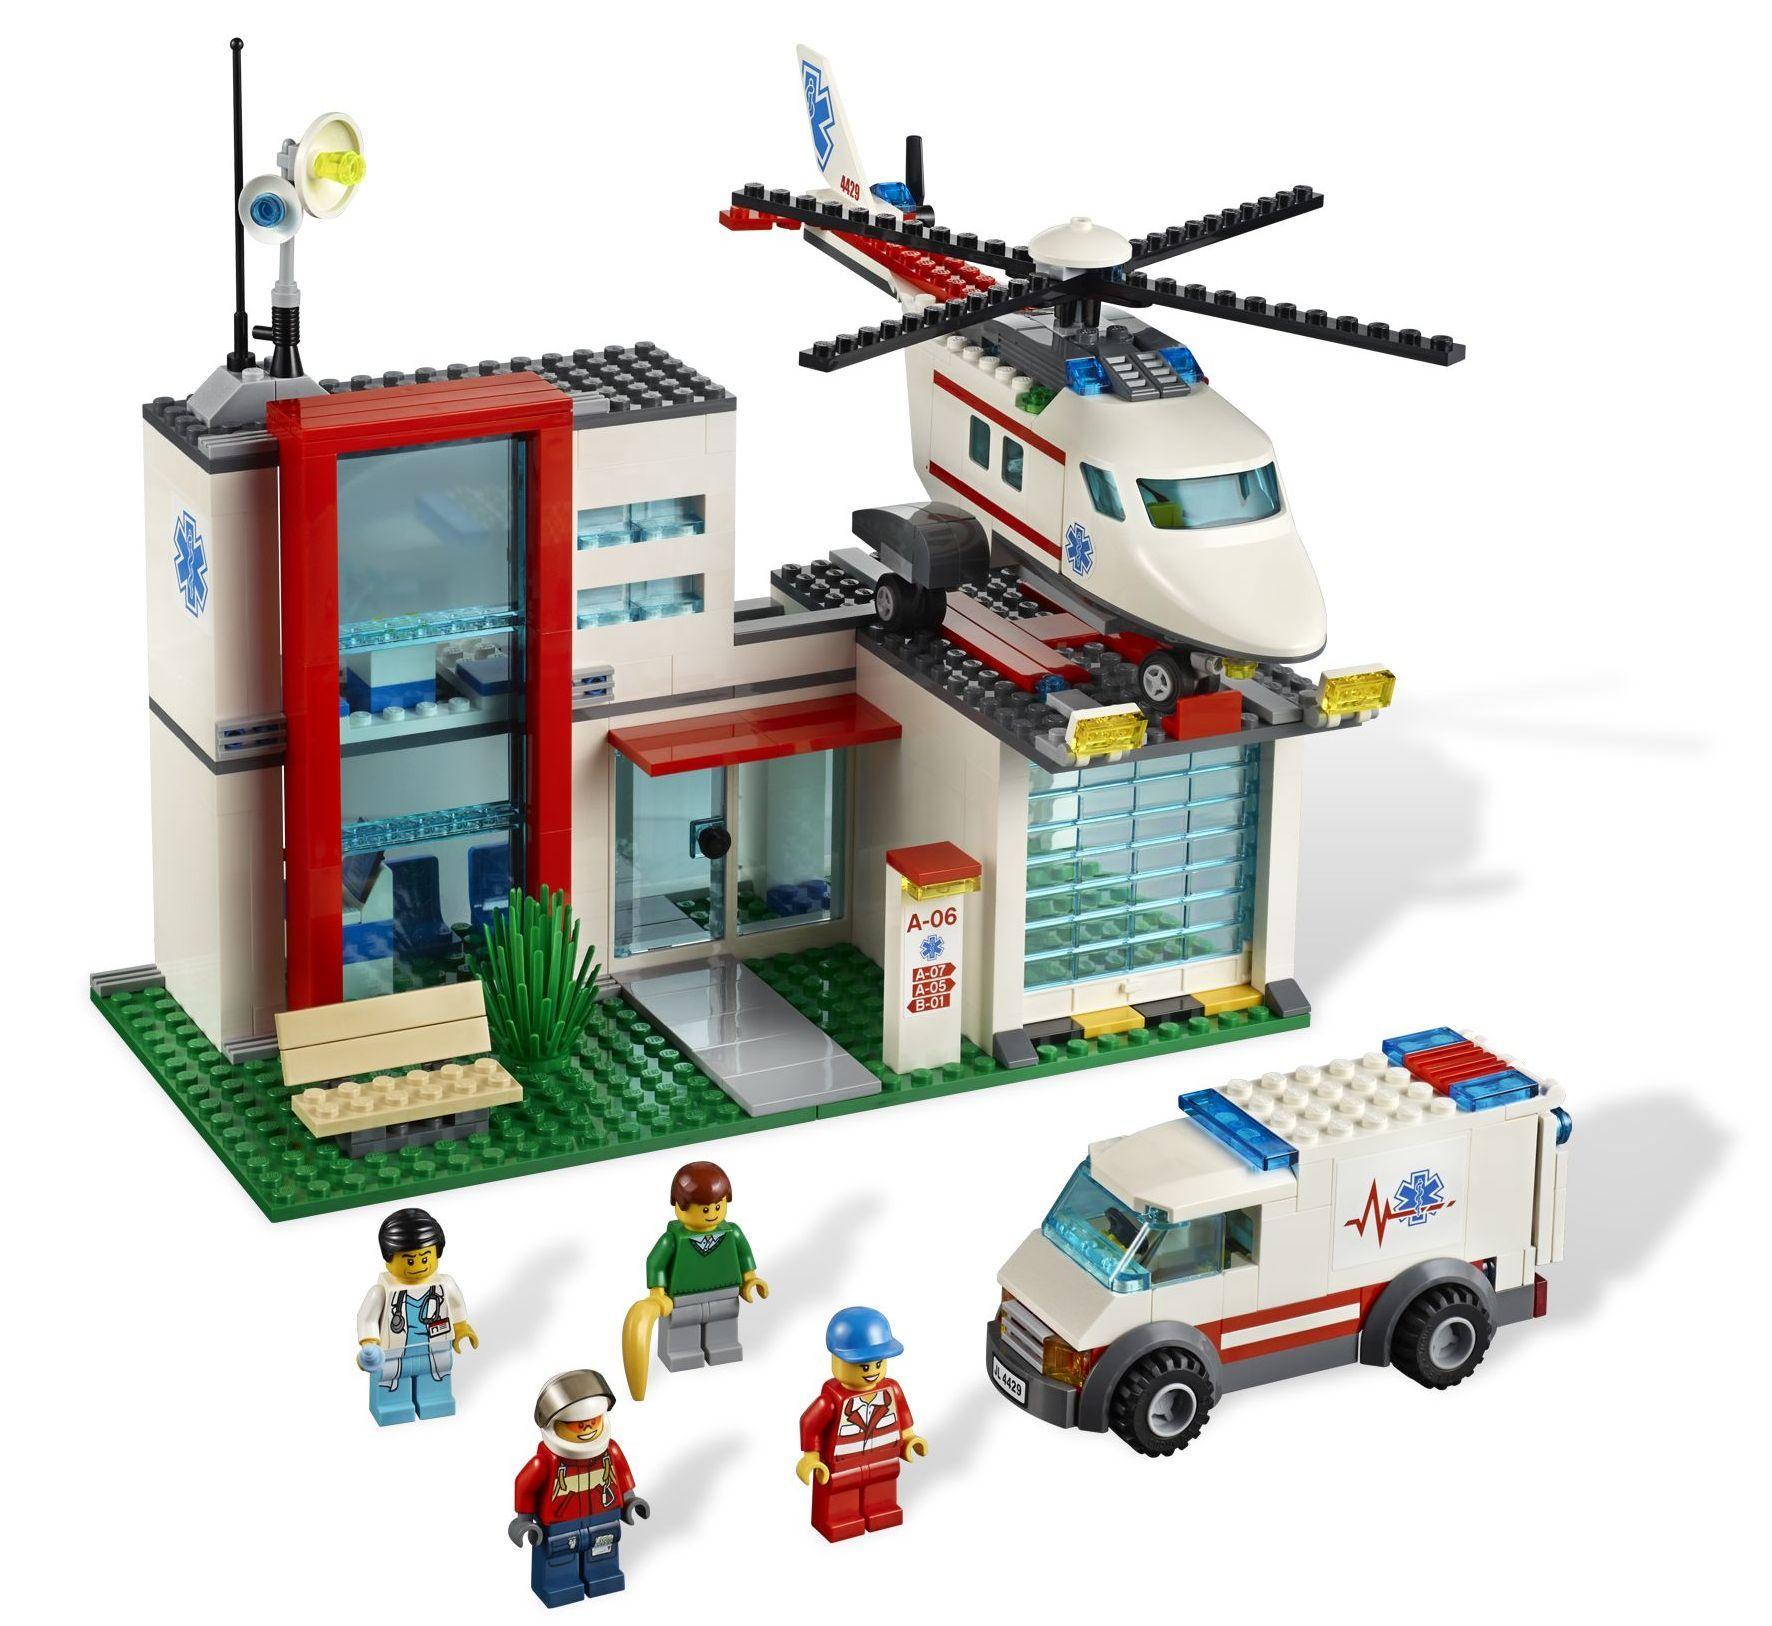 ibrickcity lego 4429 hospital helicopeter rescue summer 2 Lego City 4429 – Hospital / Helicopter Rescue